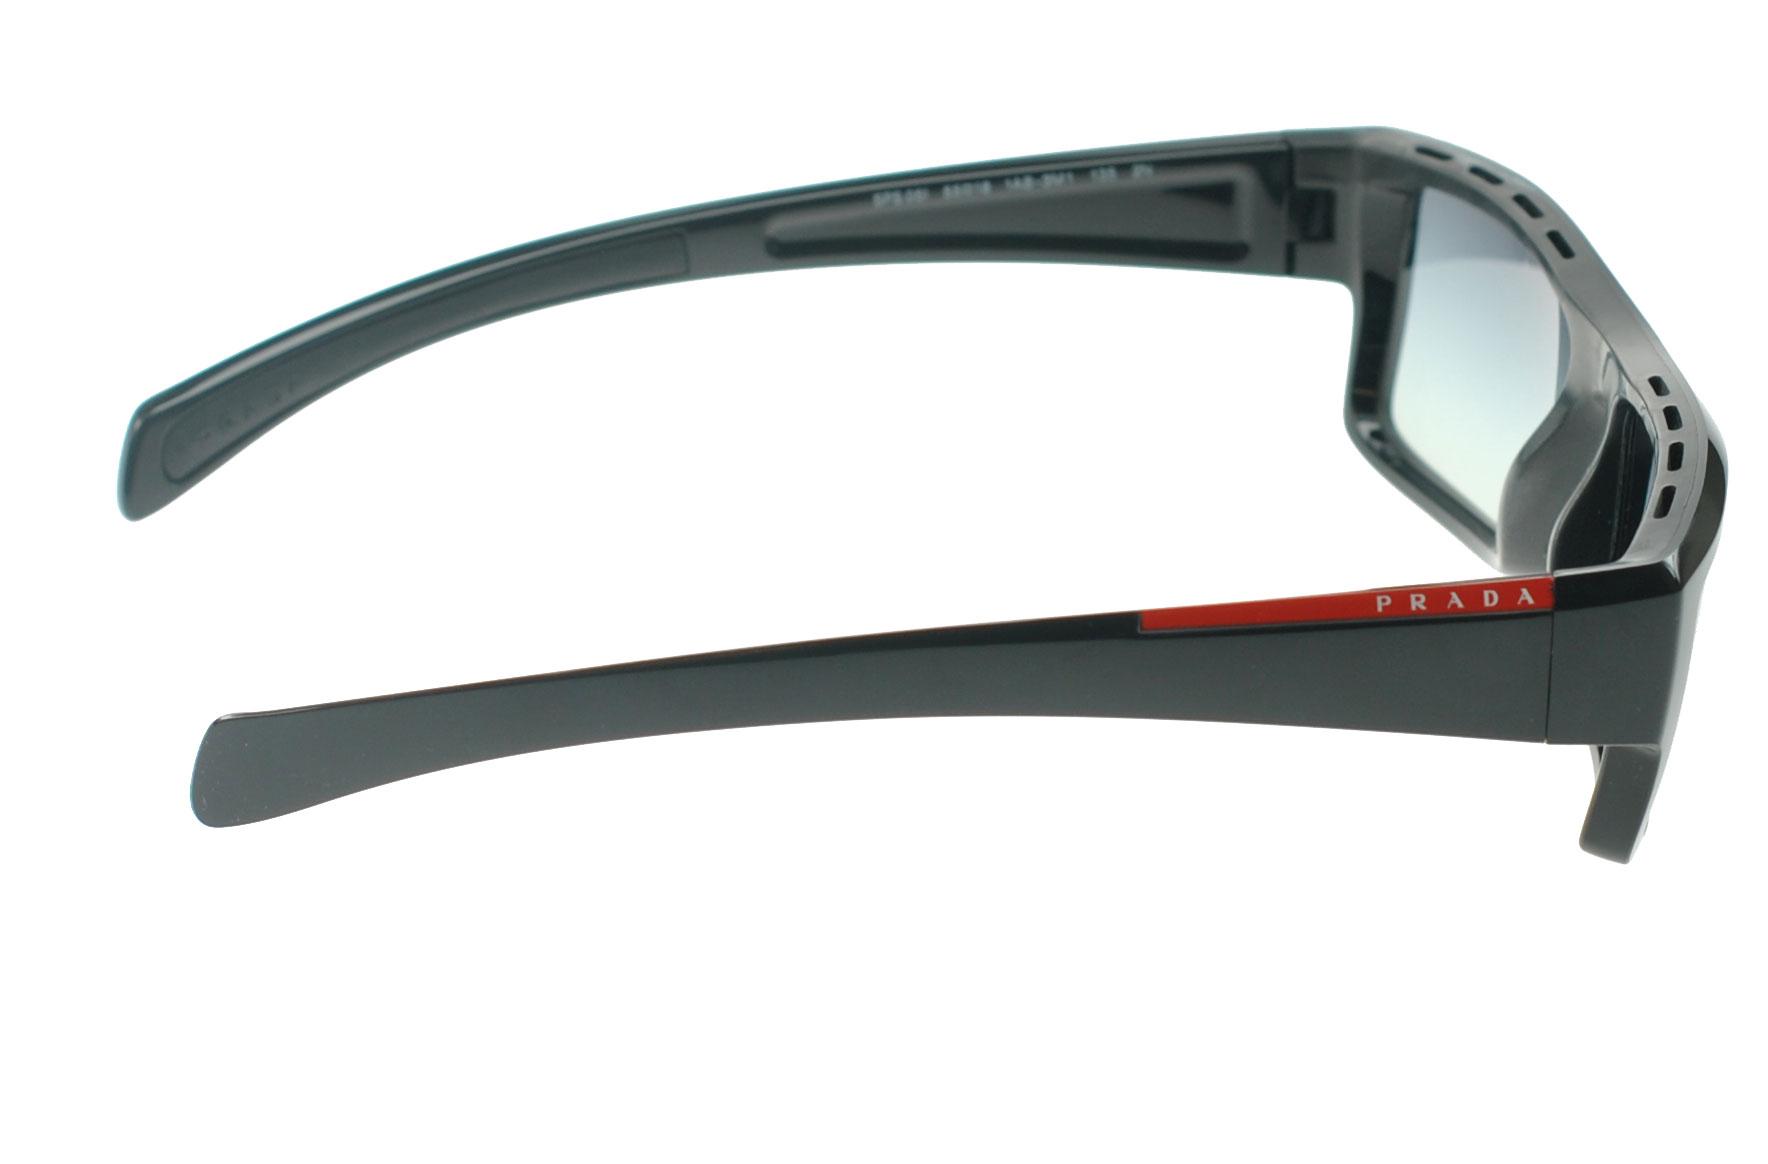 Luxury Sunglasses Mens Kj20